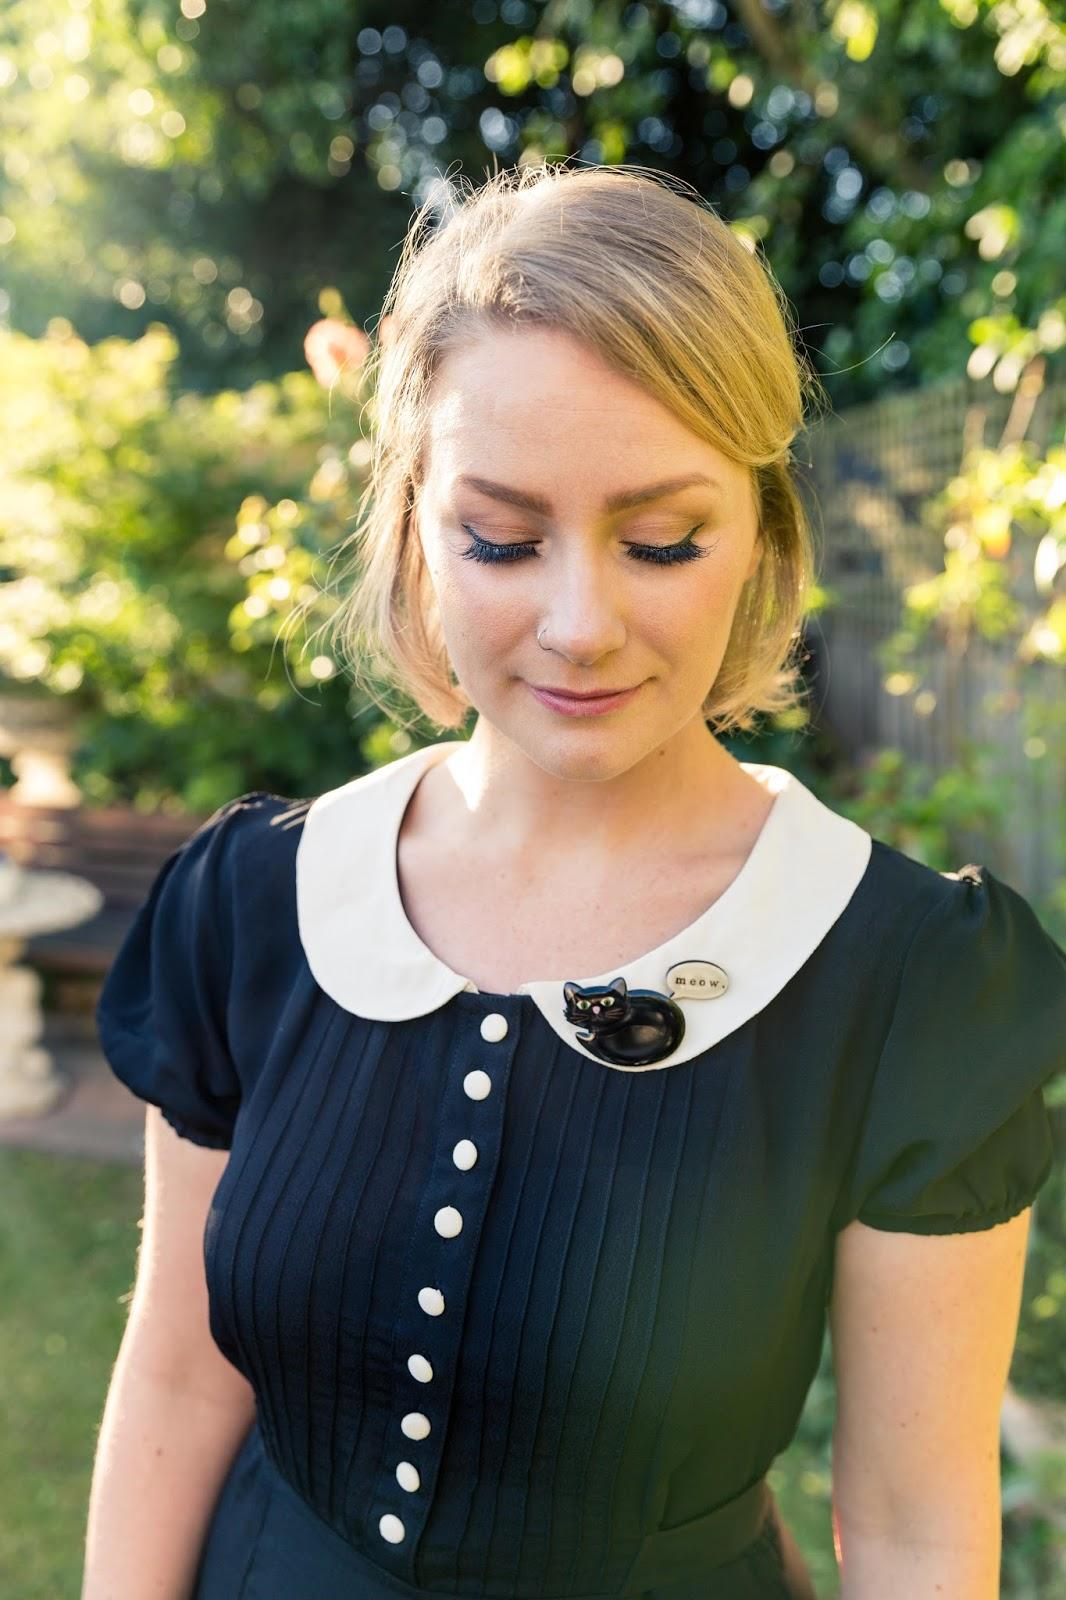 @findingfemme wears Seamstress of Bloomsbury black dress and Bok Bok B'Gerk cat brooch.